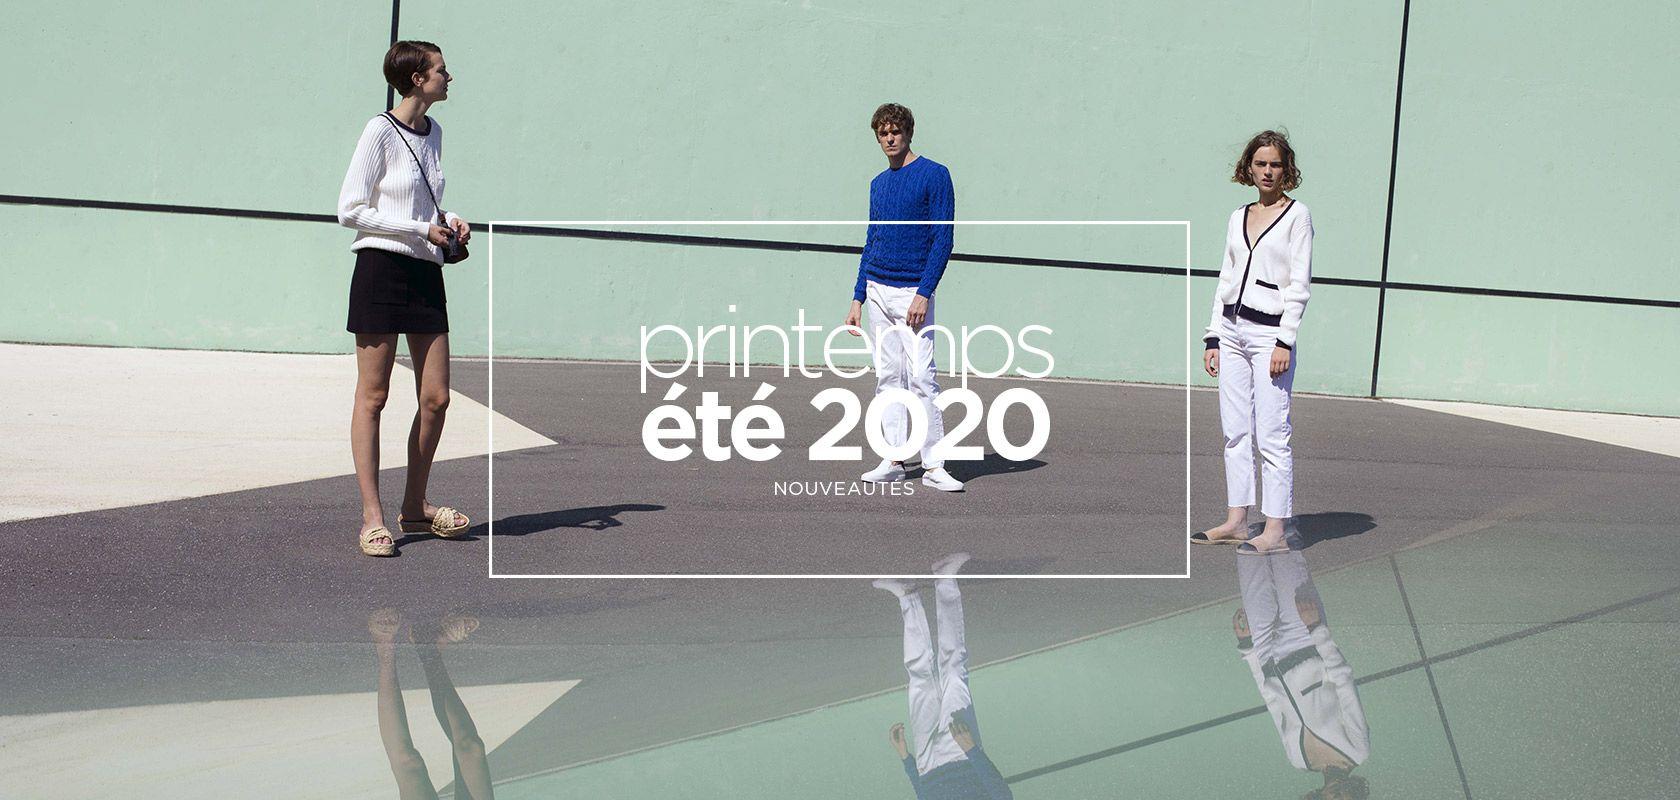 nouvelle collection printemps 2020